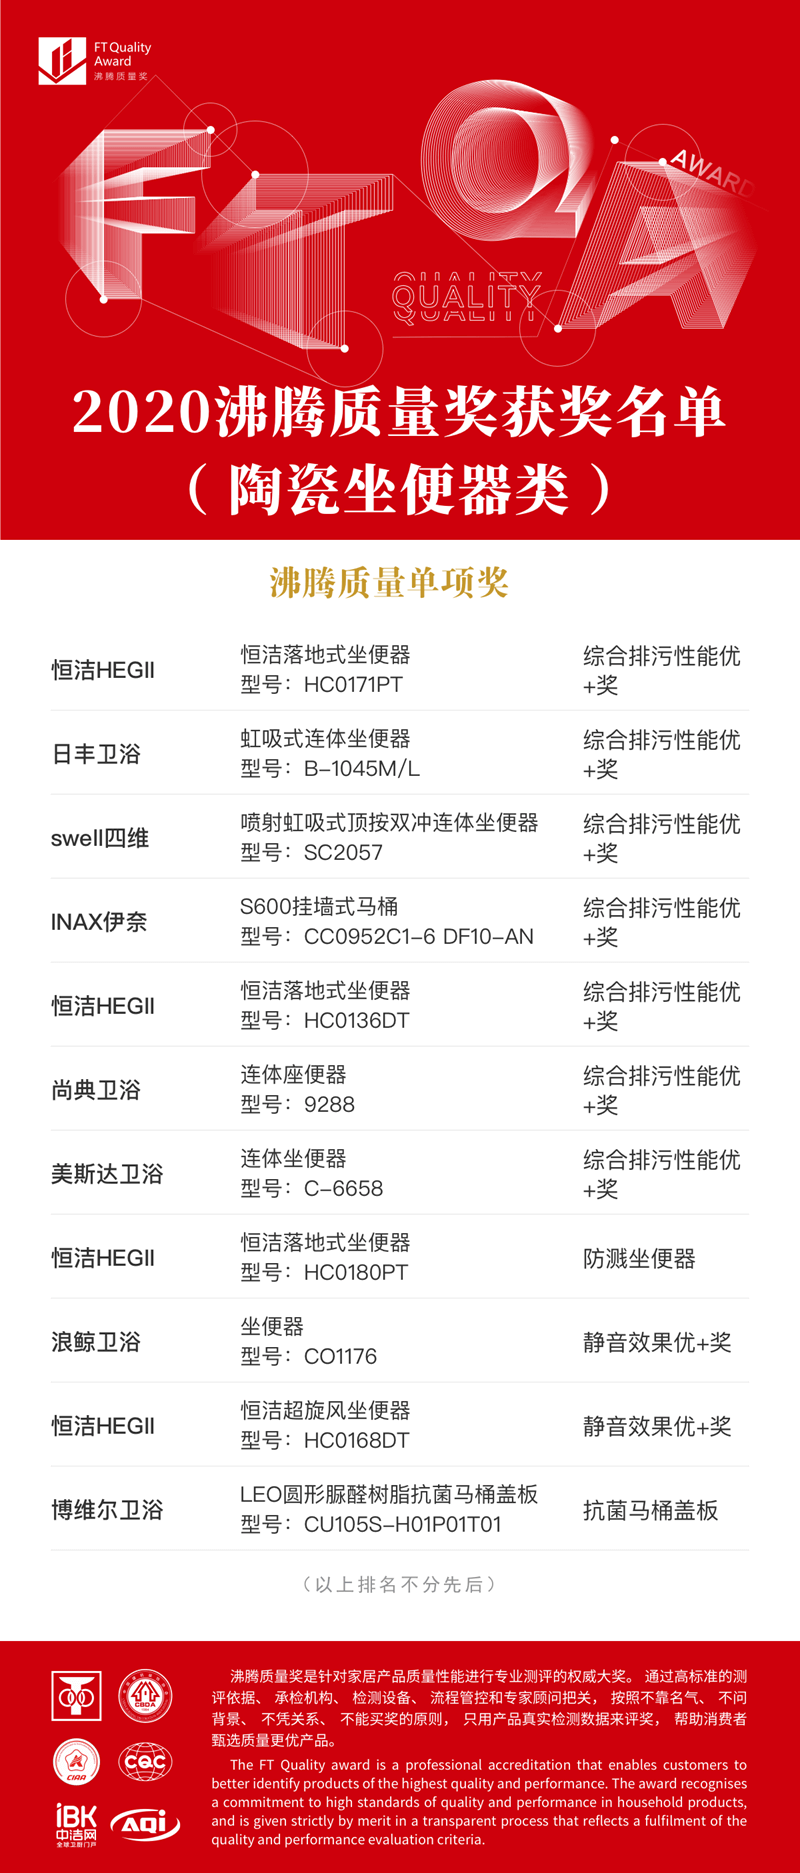 2 沸腾质量奖-陶瓷坐便器-单项奖_副本 (2).png